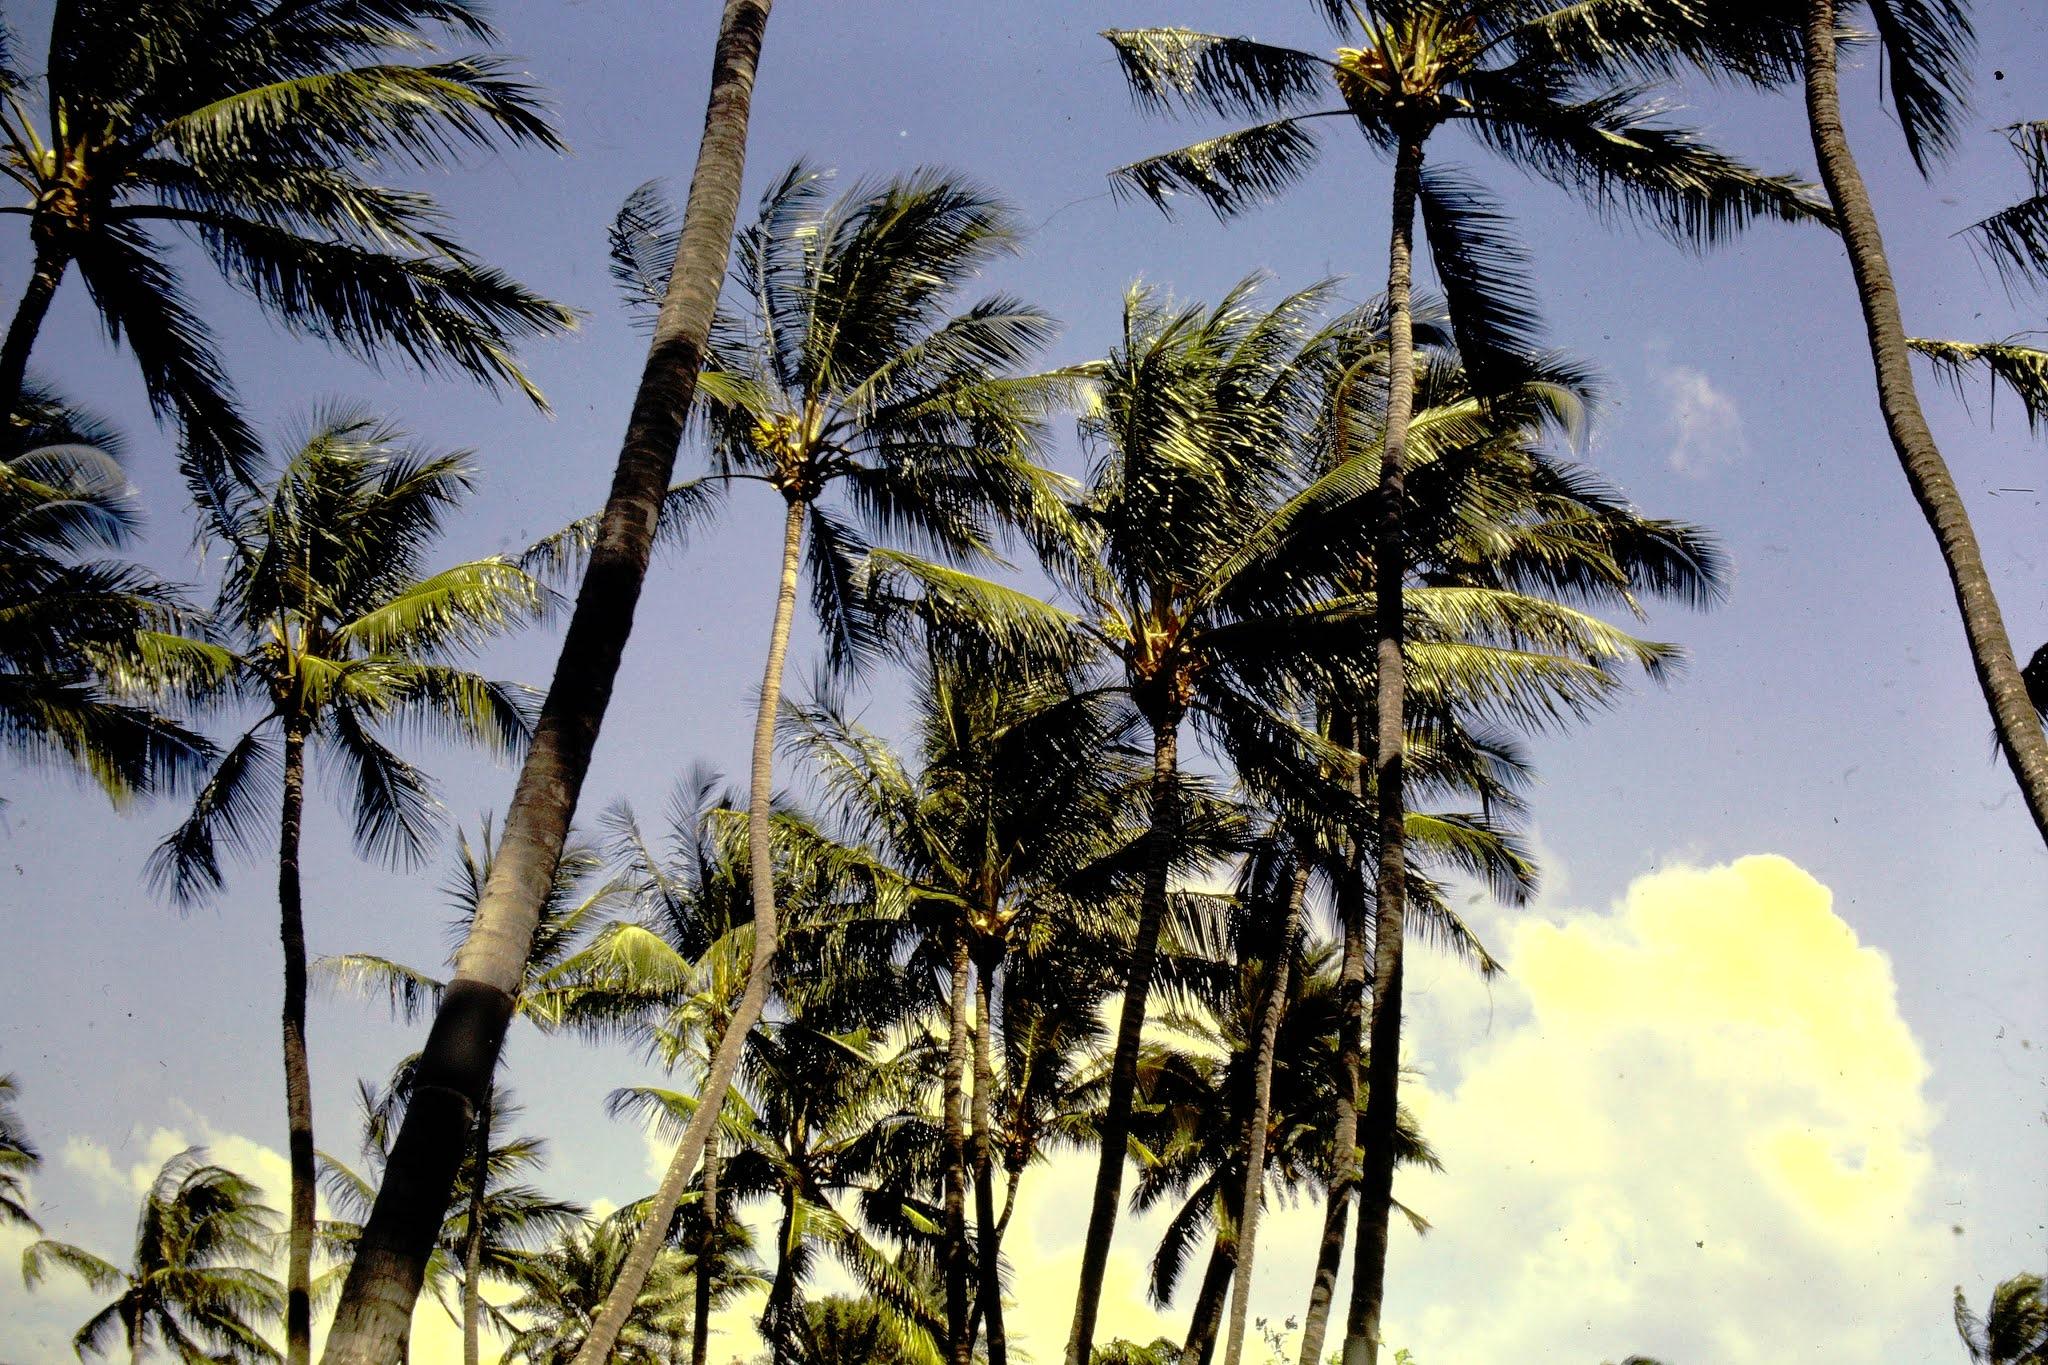 Palms Waikiki - 1961